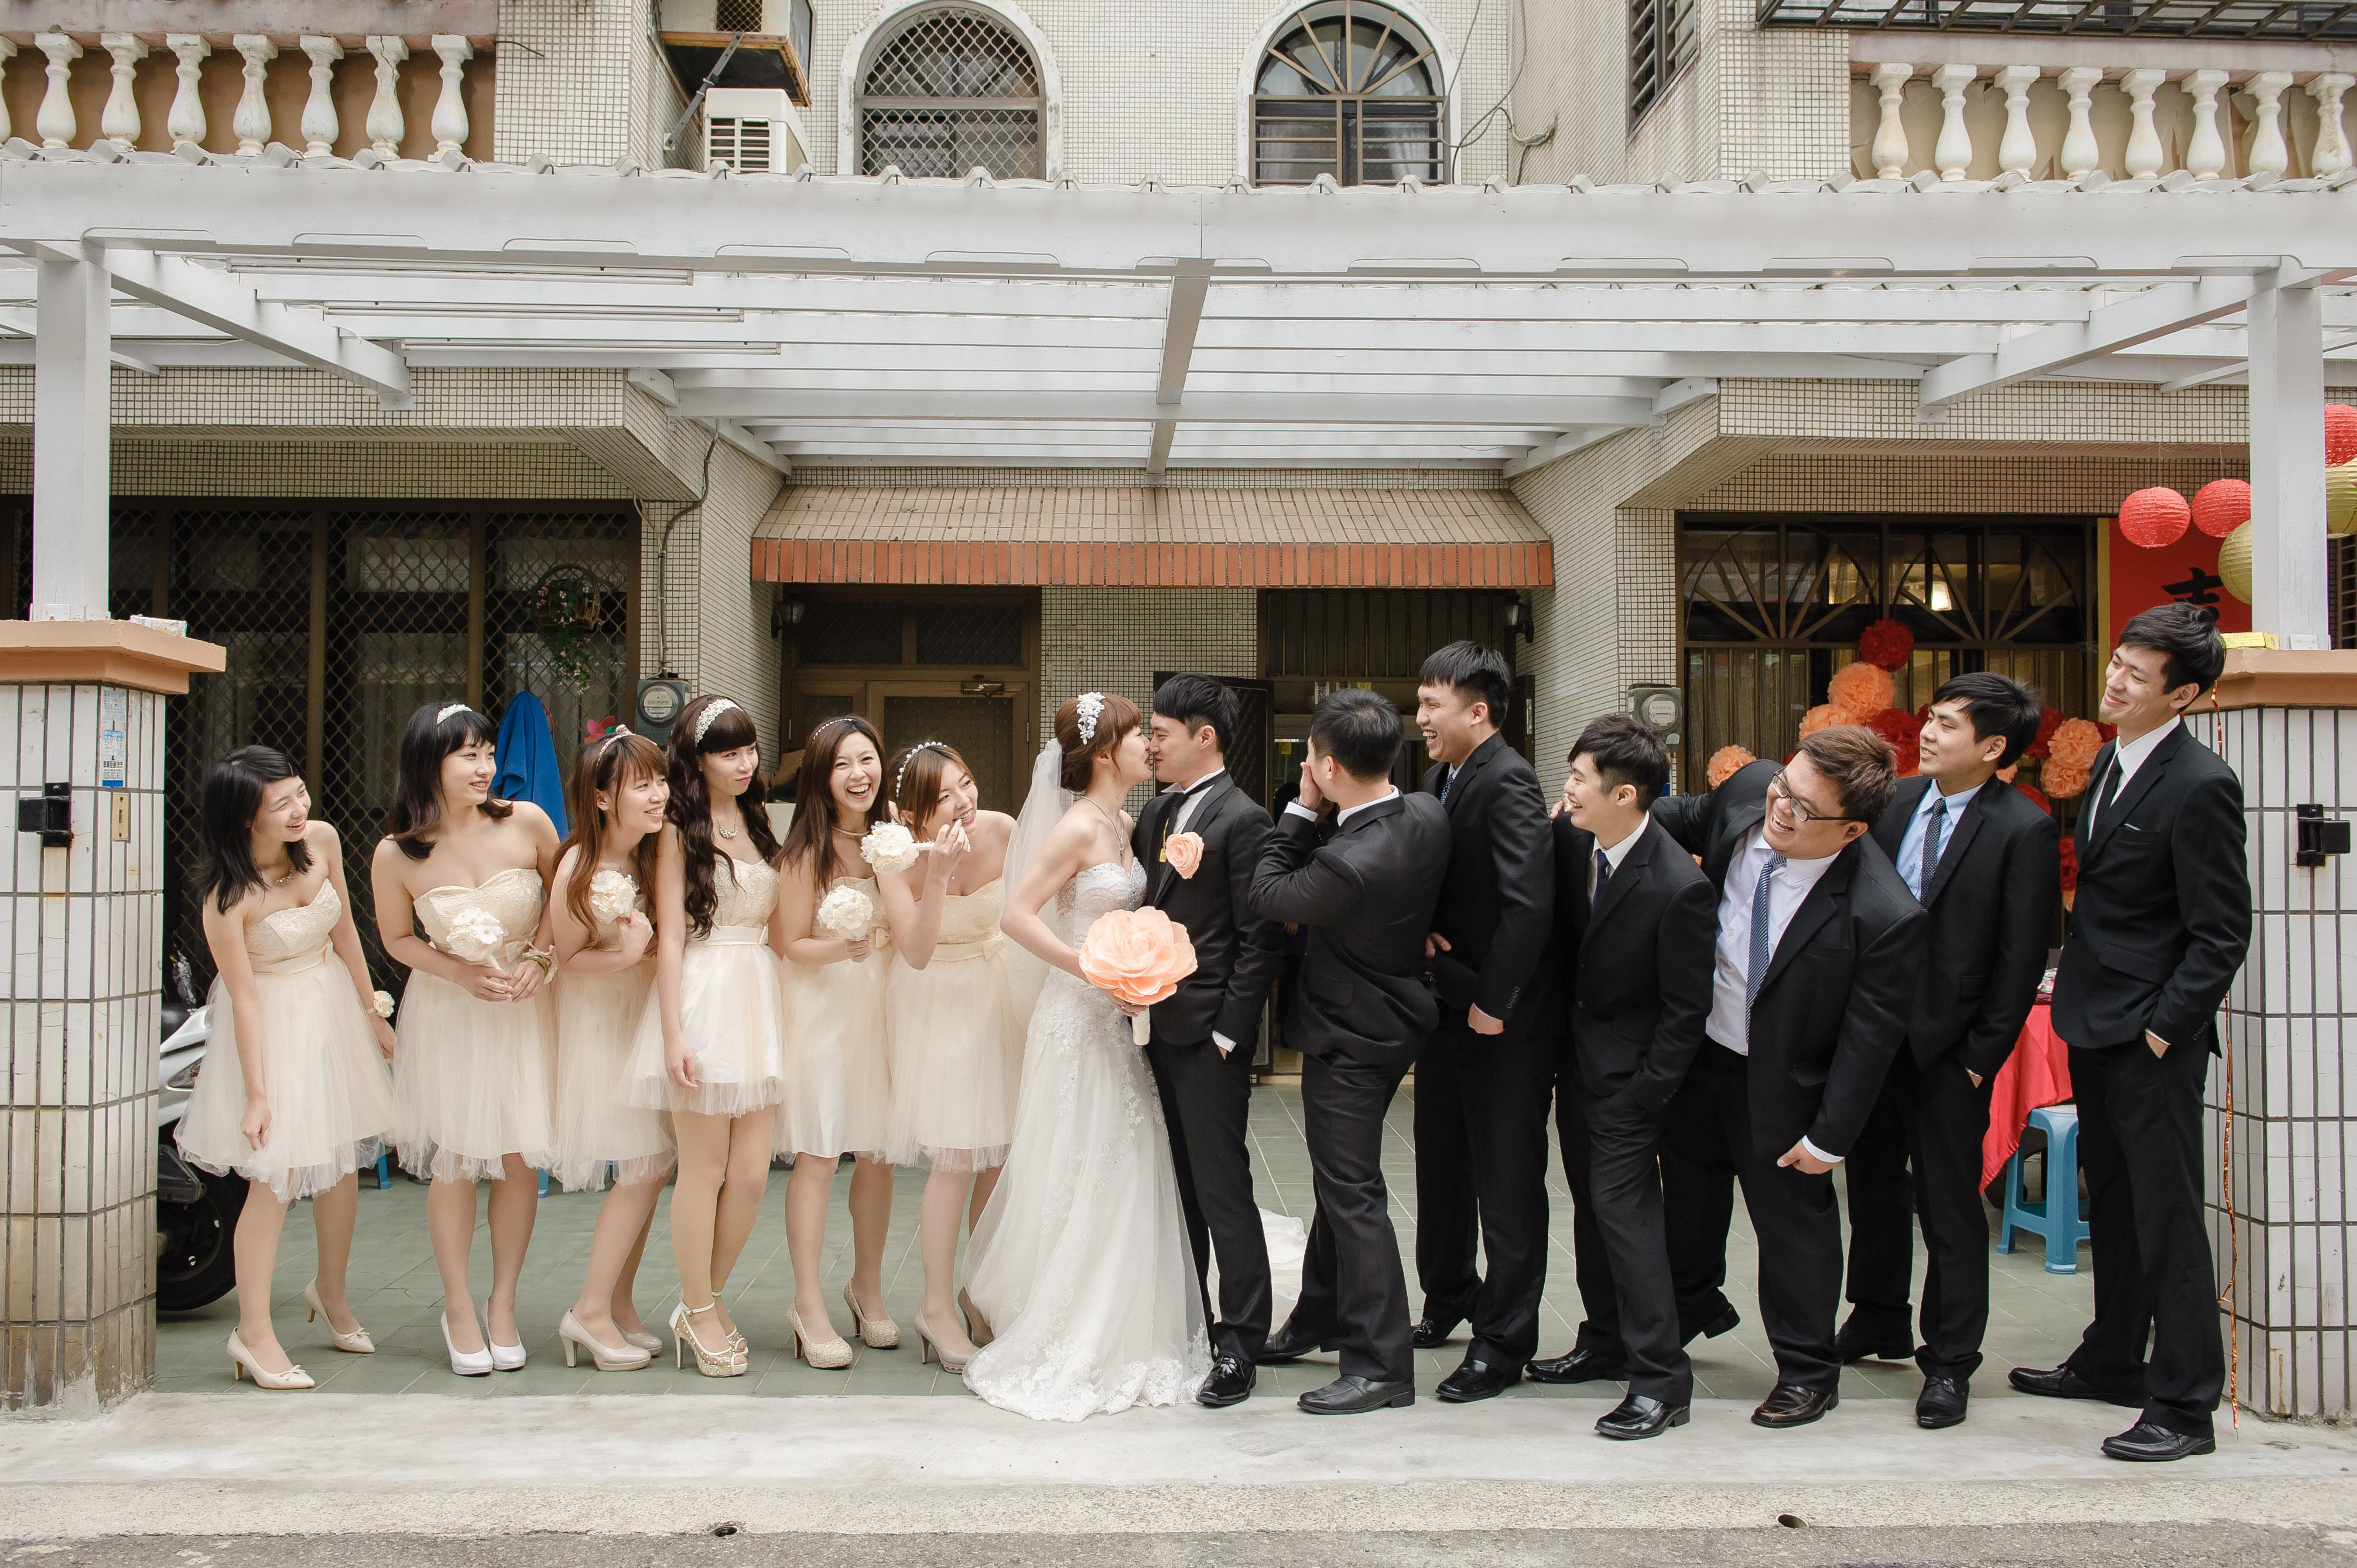 婚攝,新竹晶宴會館,若穎 Celine,WHITE手工婚紗,Snoopy